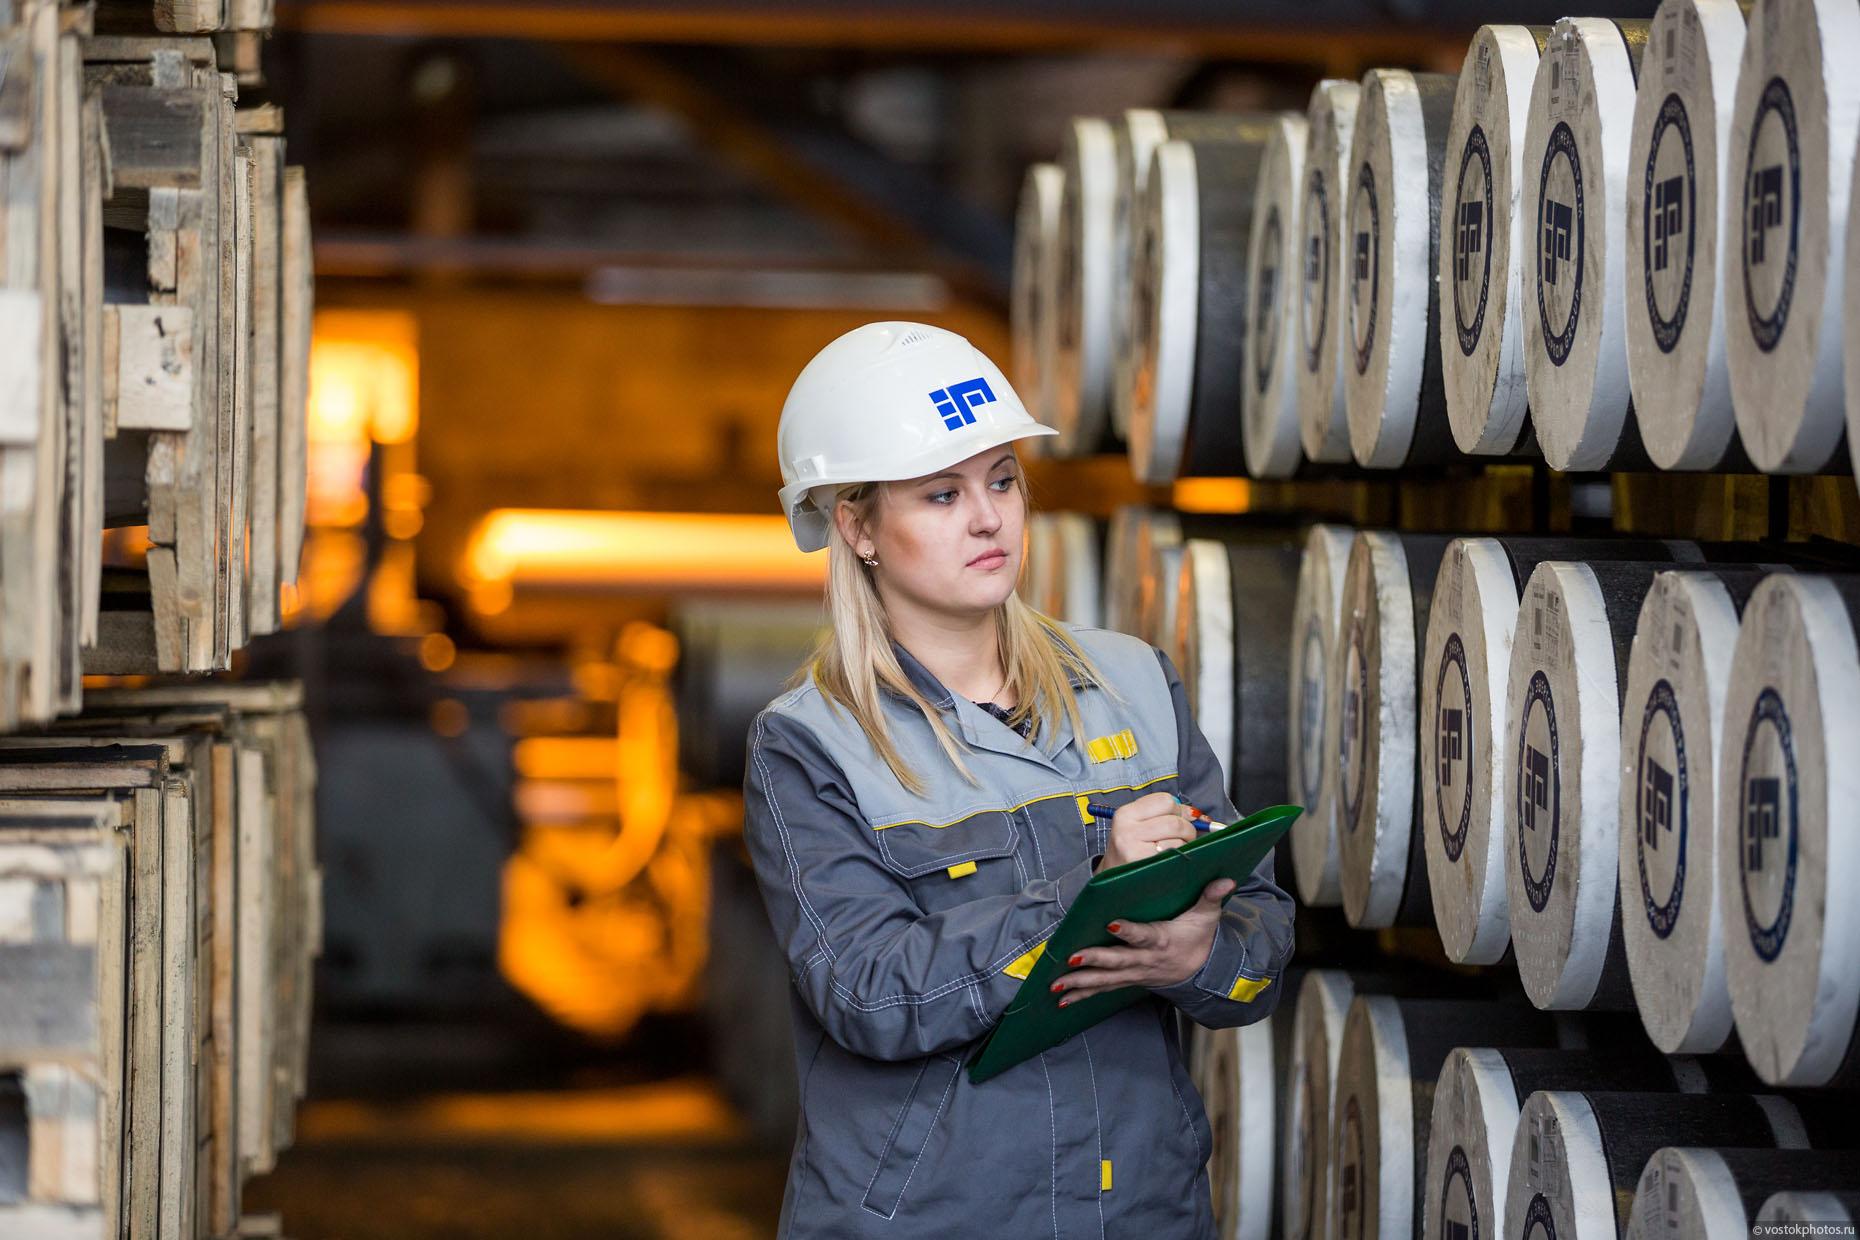 Владивостоке Продавец: оао энергопром нэз 2015г Евгеньевна отметила